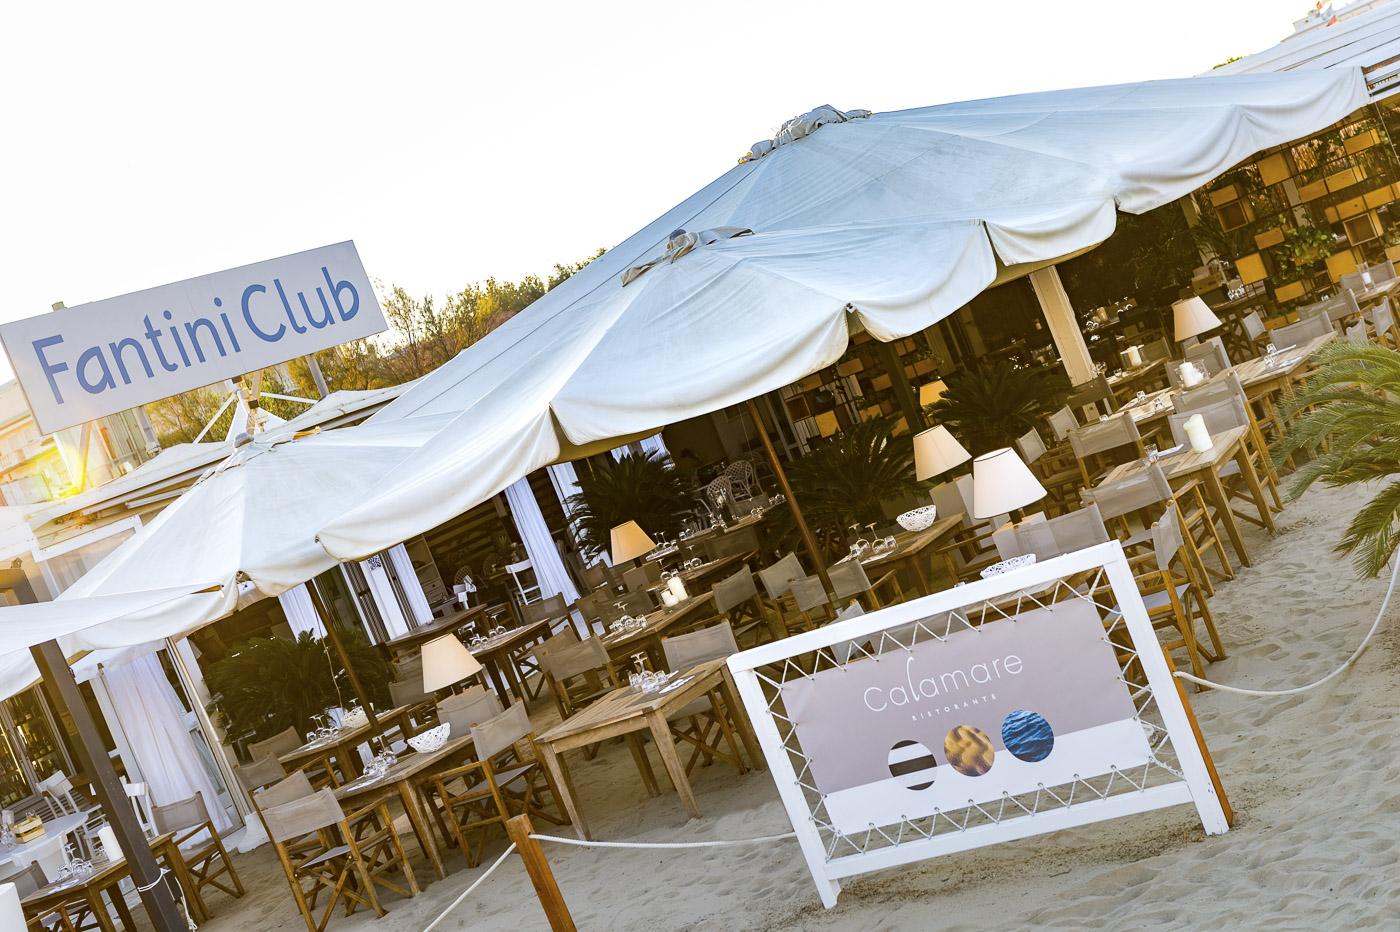 Calamare – il Ristorante sulla spiaggia Fantini Club